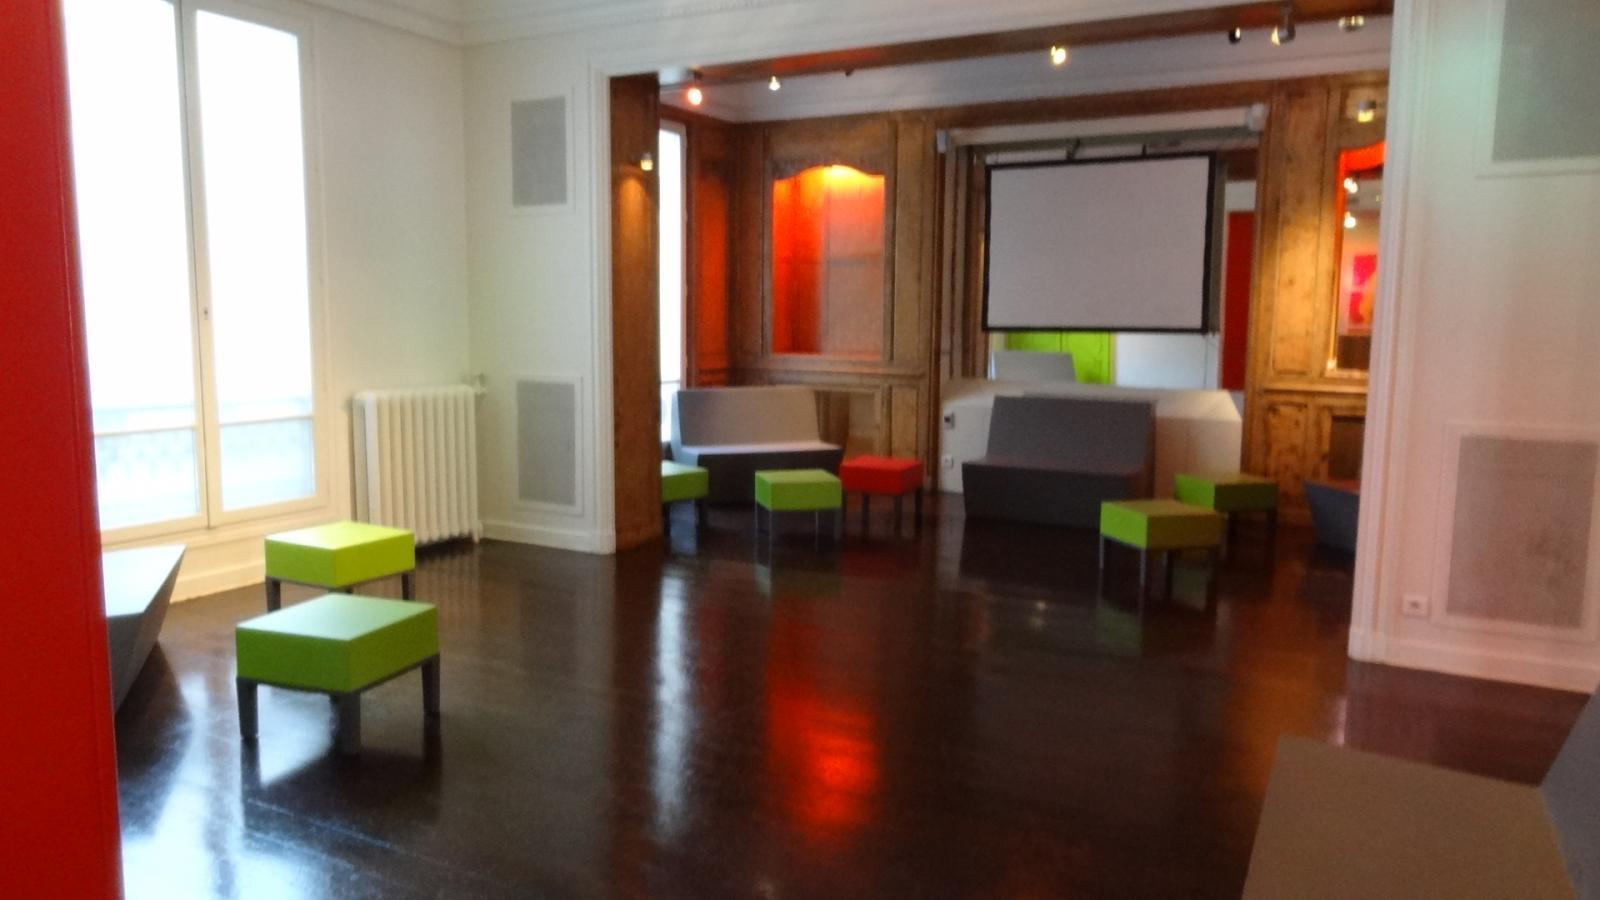 Location appartement Aix-en-Provence, les avantages